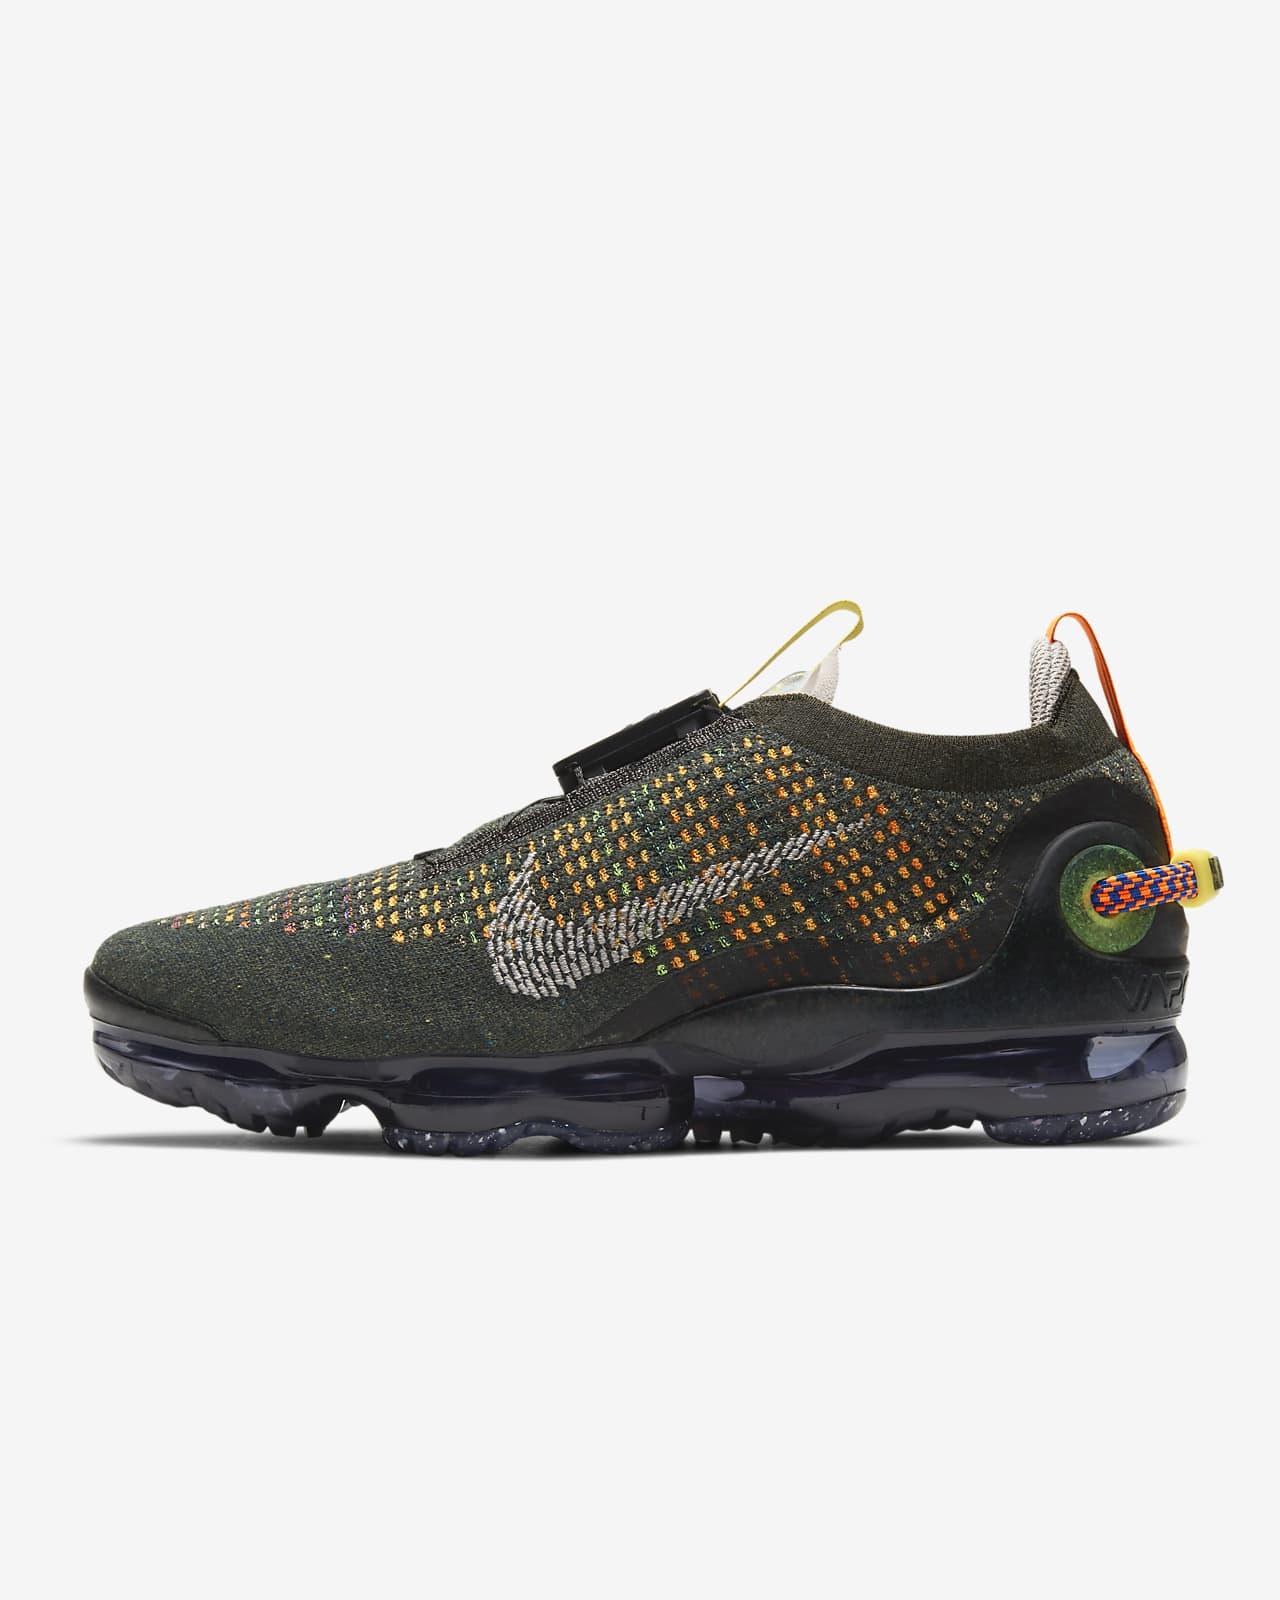 Nike Air Vapormax 2020 FlyKnit férfi cipő